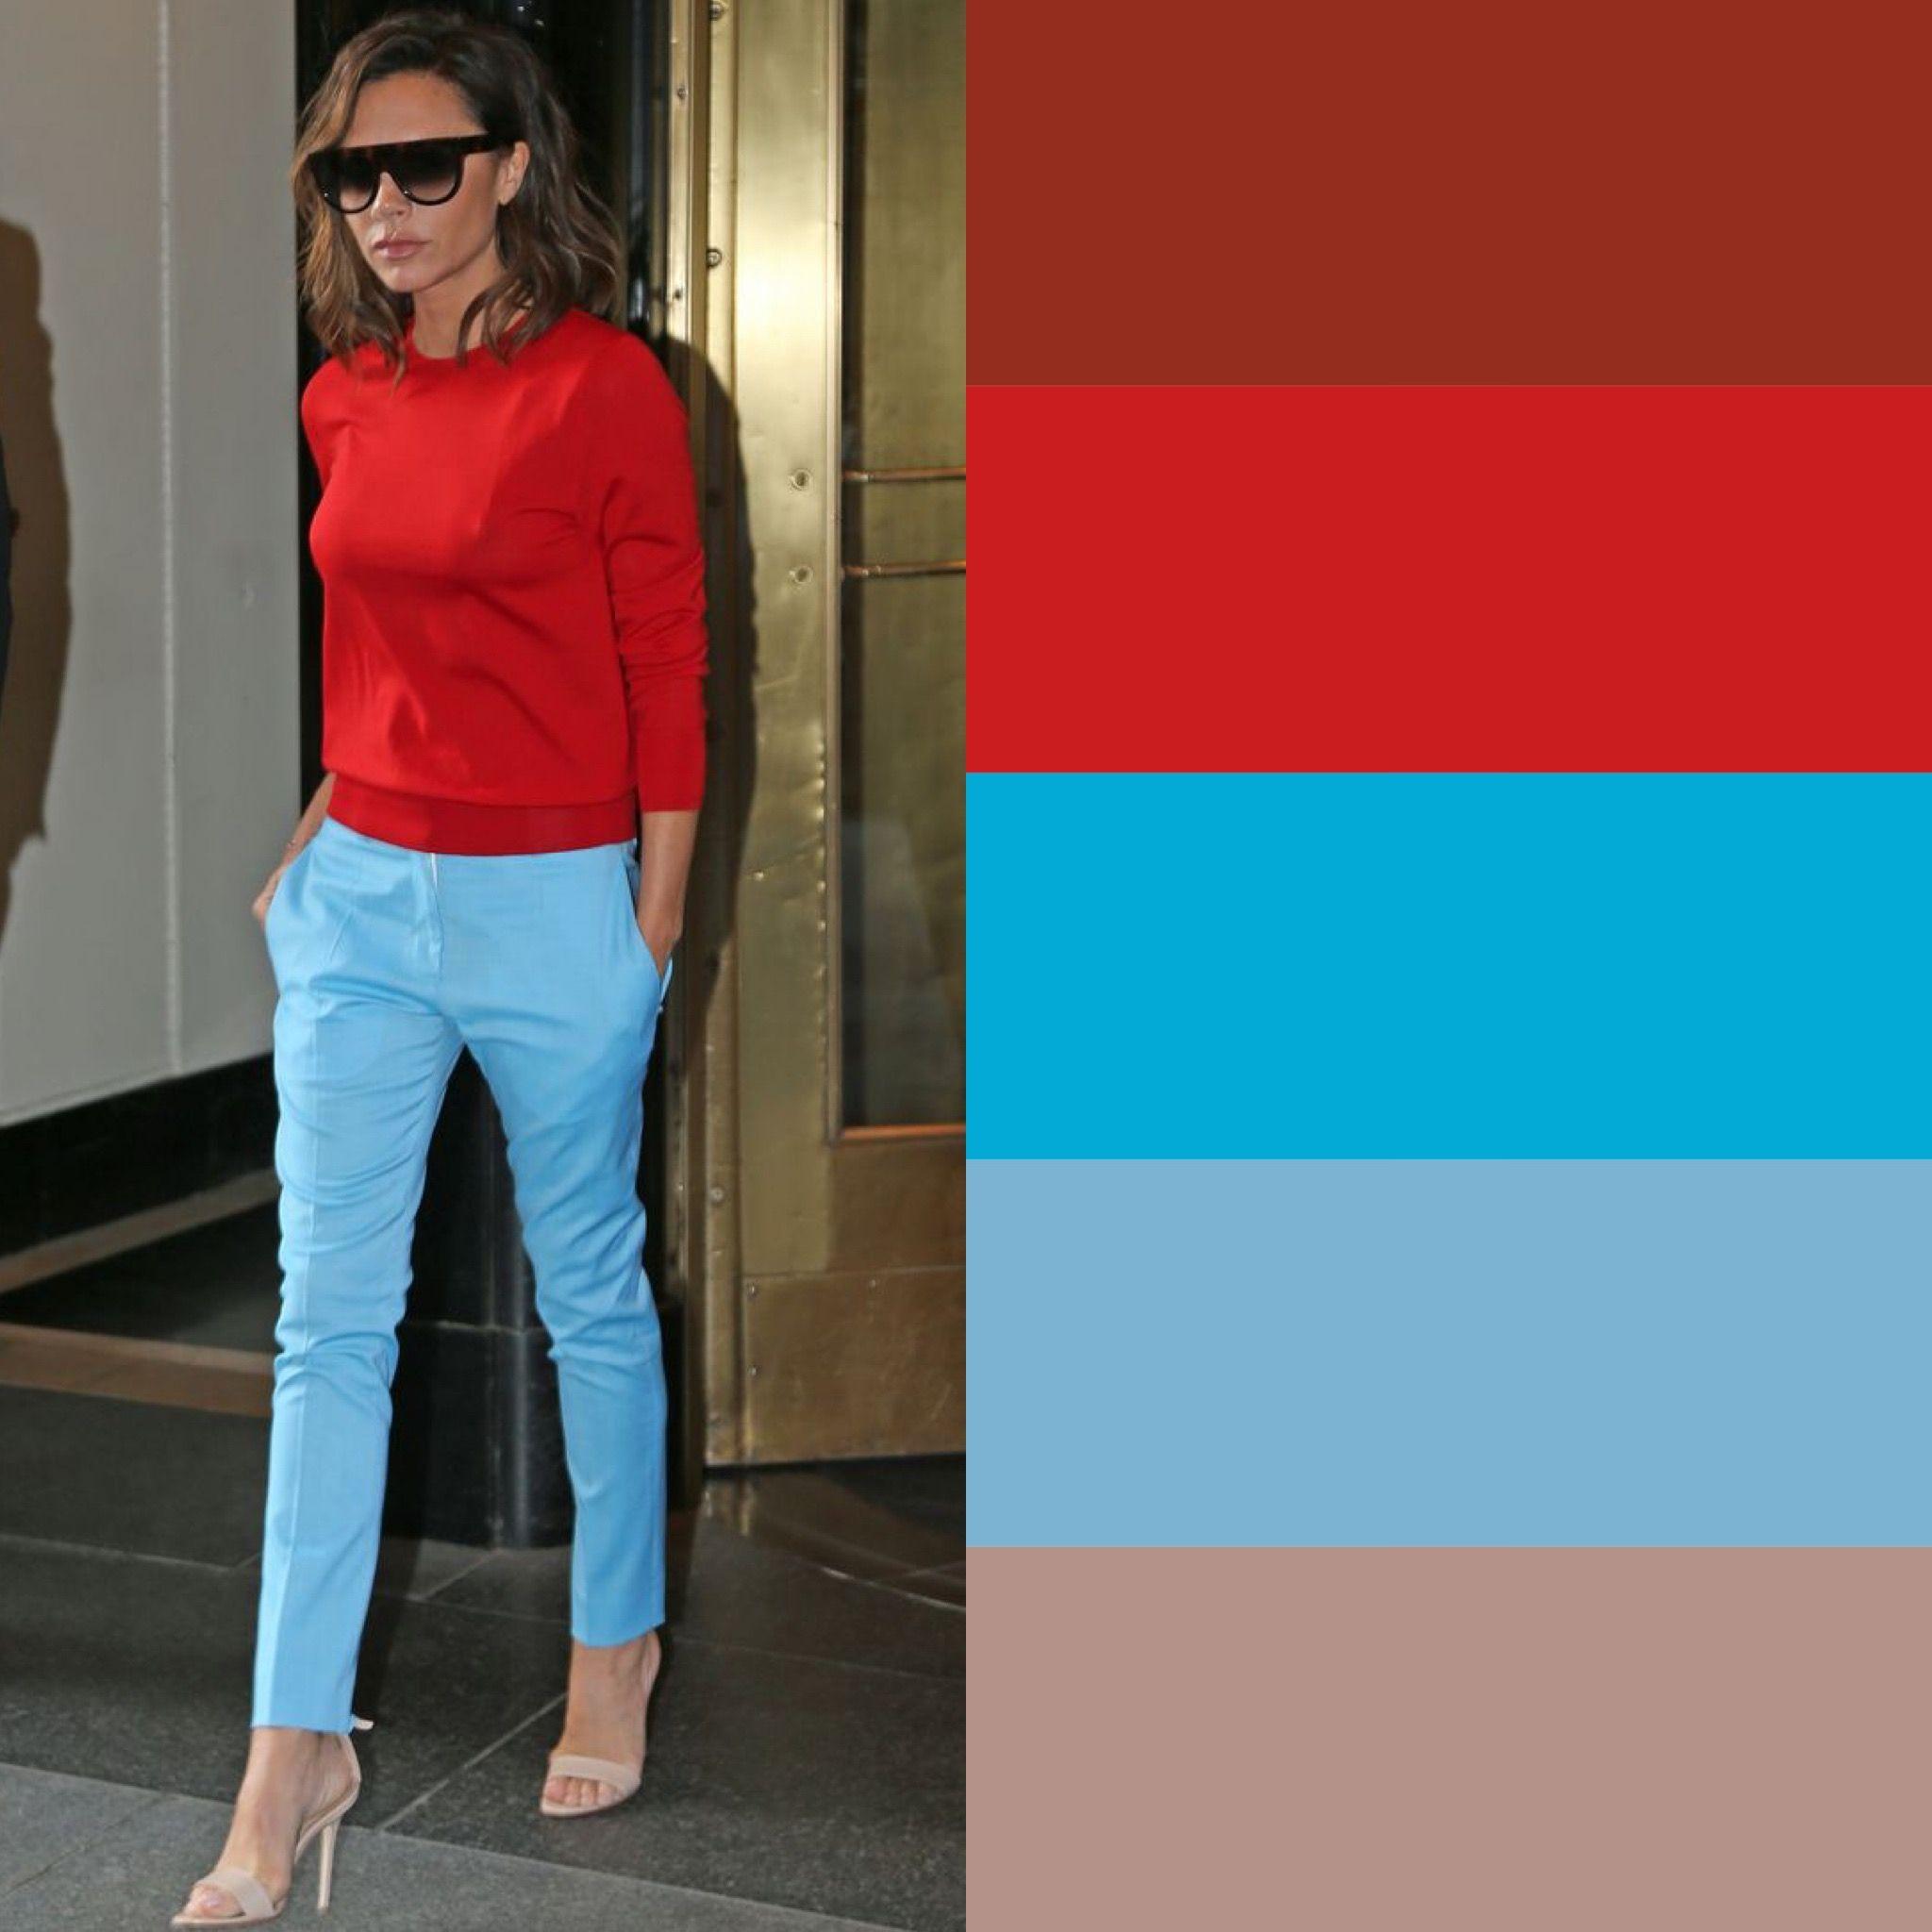 Come indossare il rosso | Consulente di immagine, Rossella Migliaccio